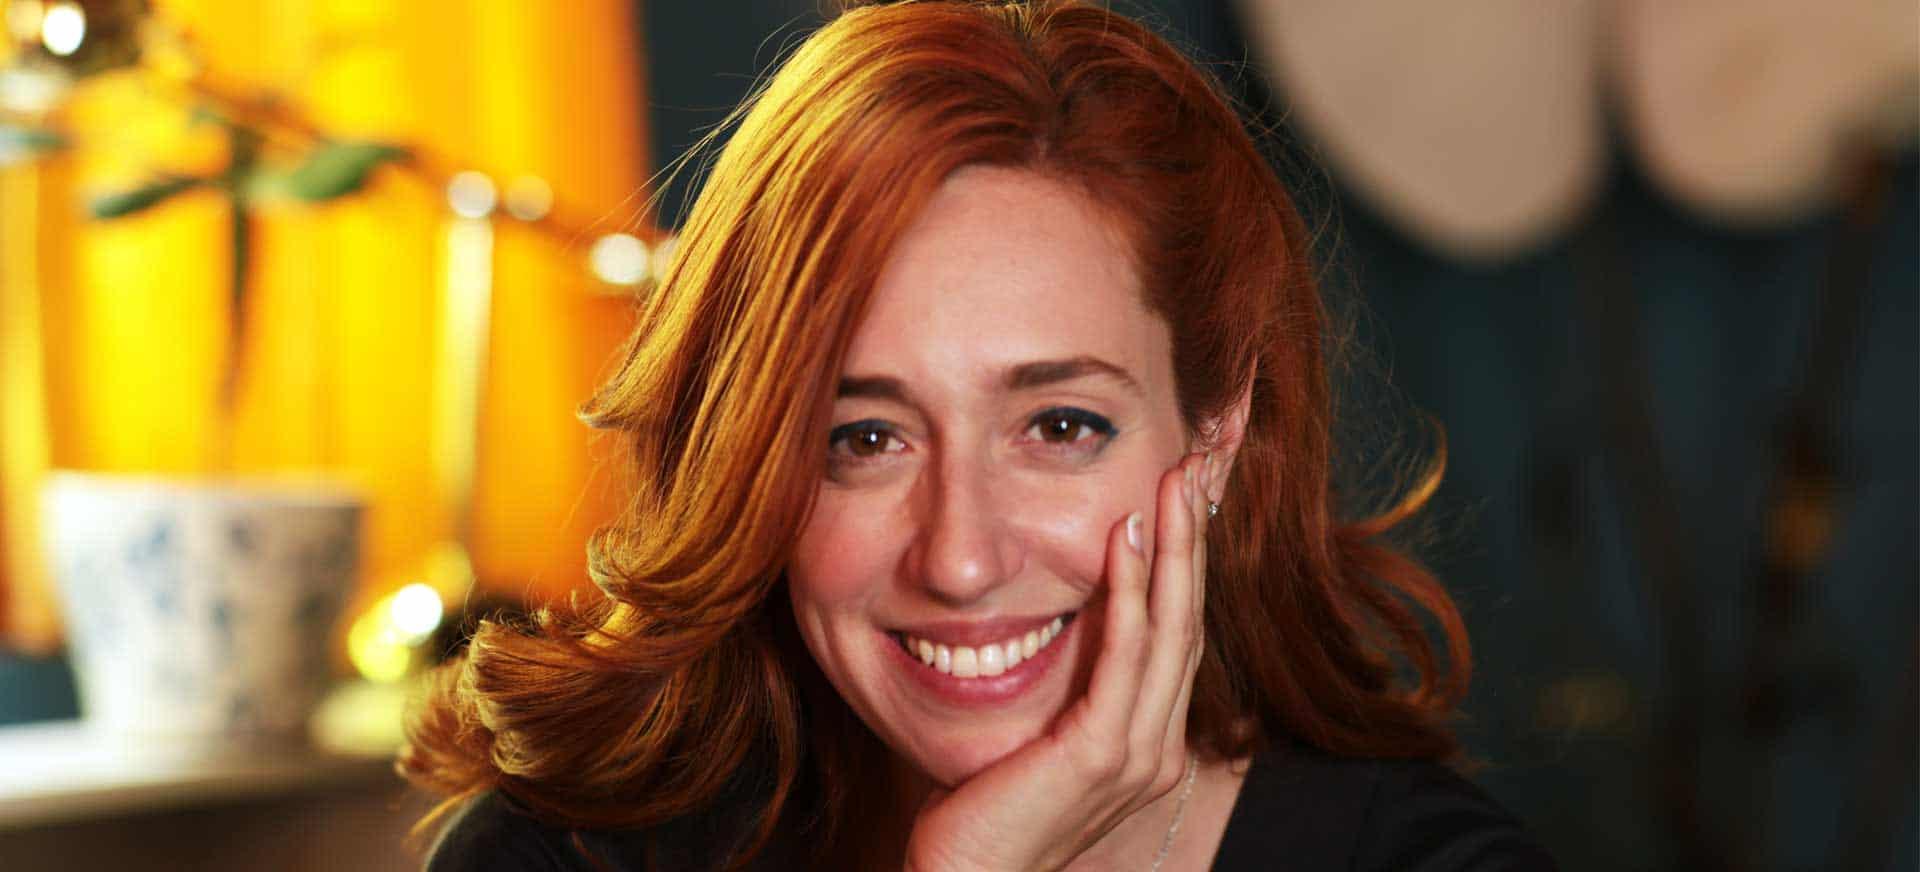 10 cosas que quizá no sabías de Mariana Treviño